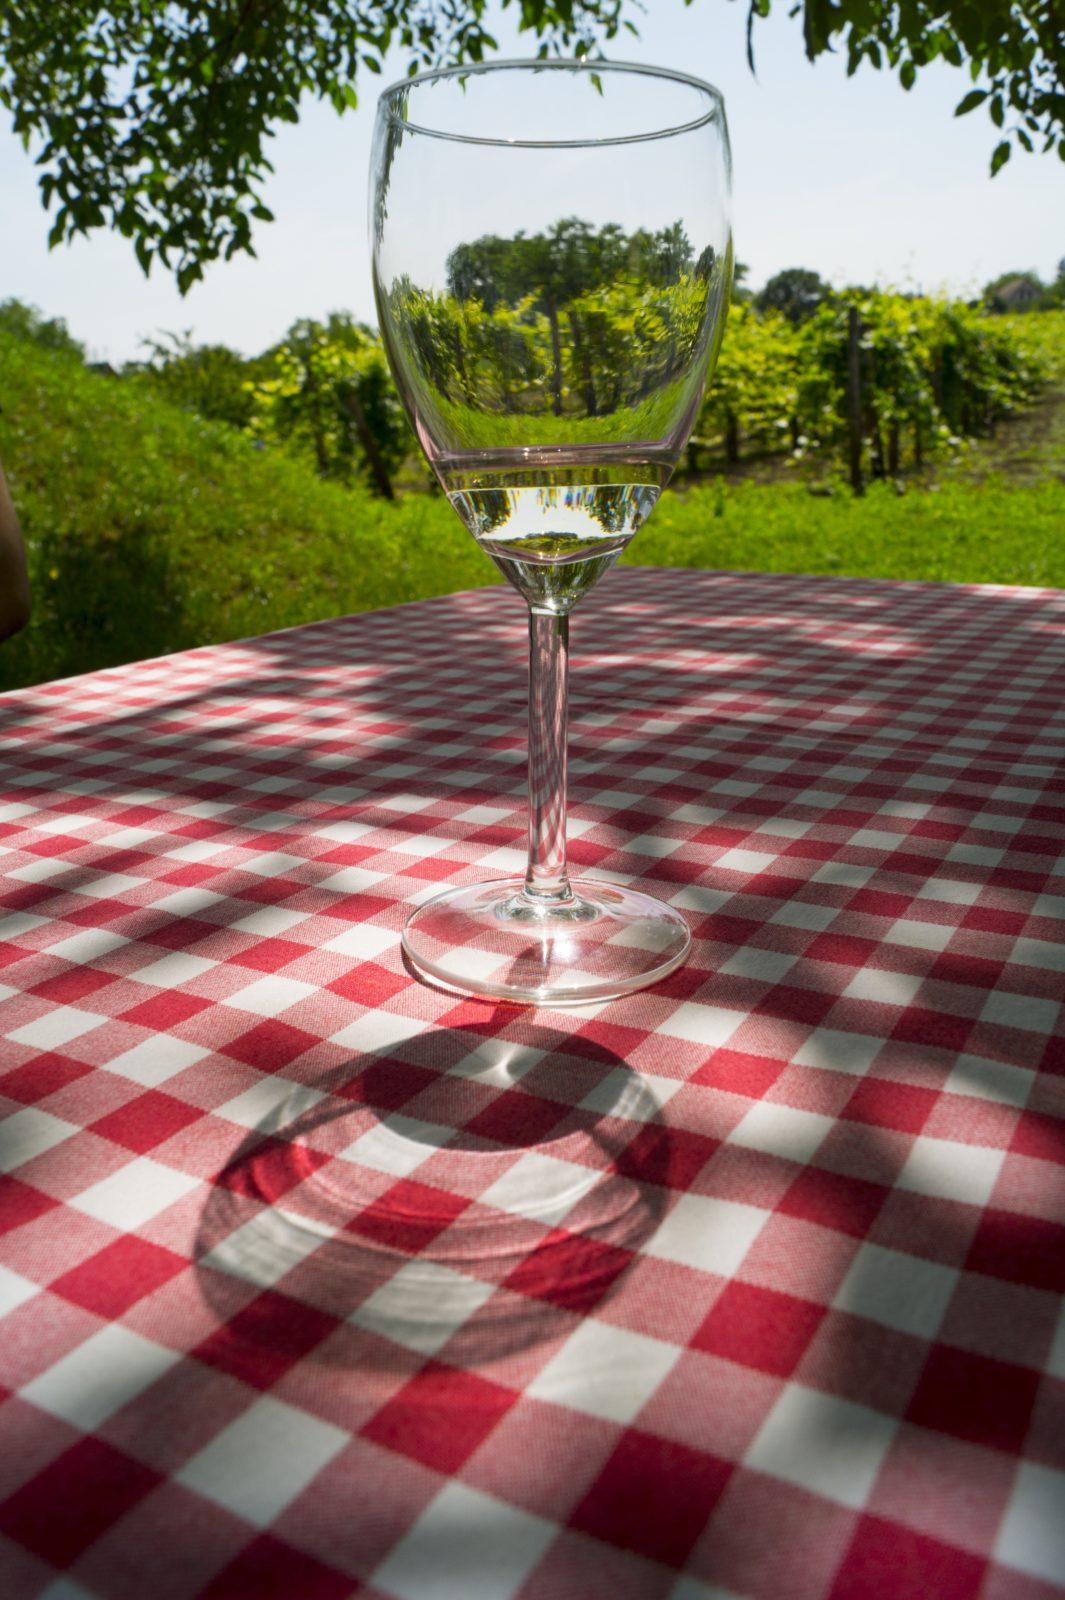 Etyek wine region